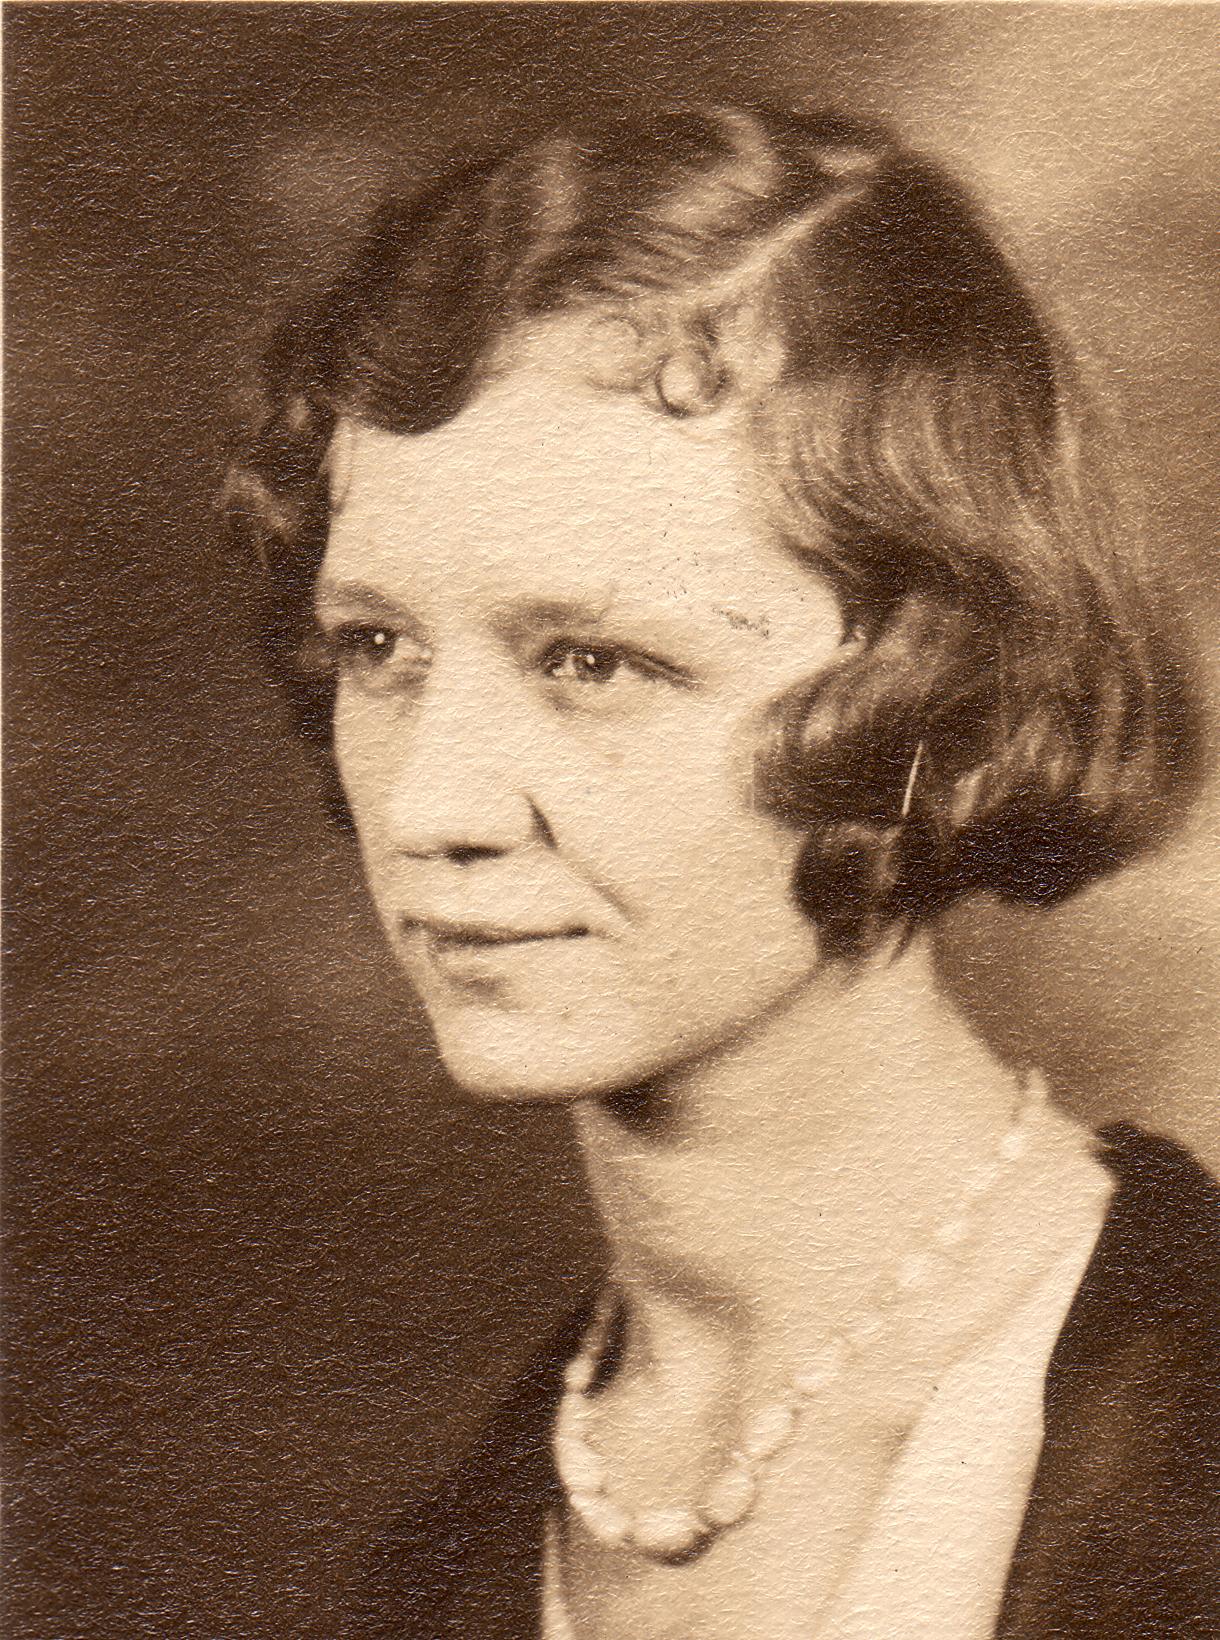 VirginiaCA1930s